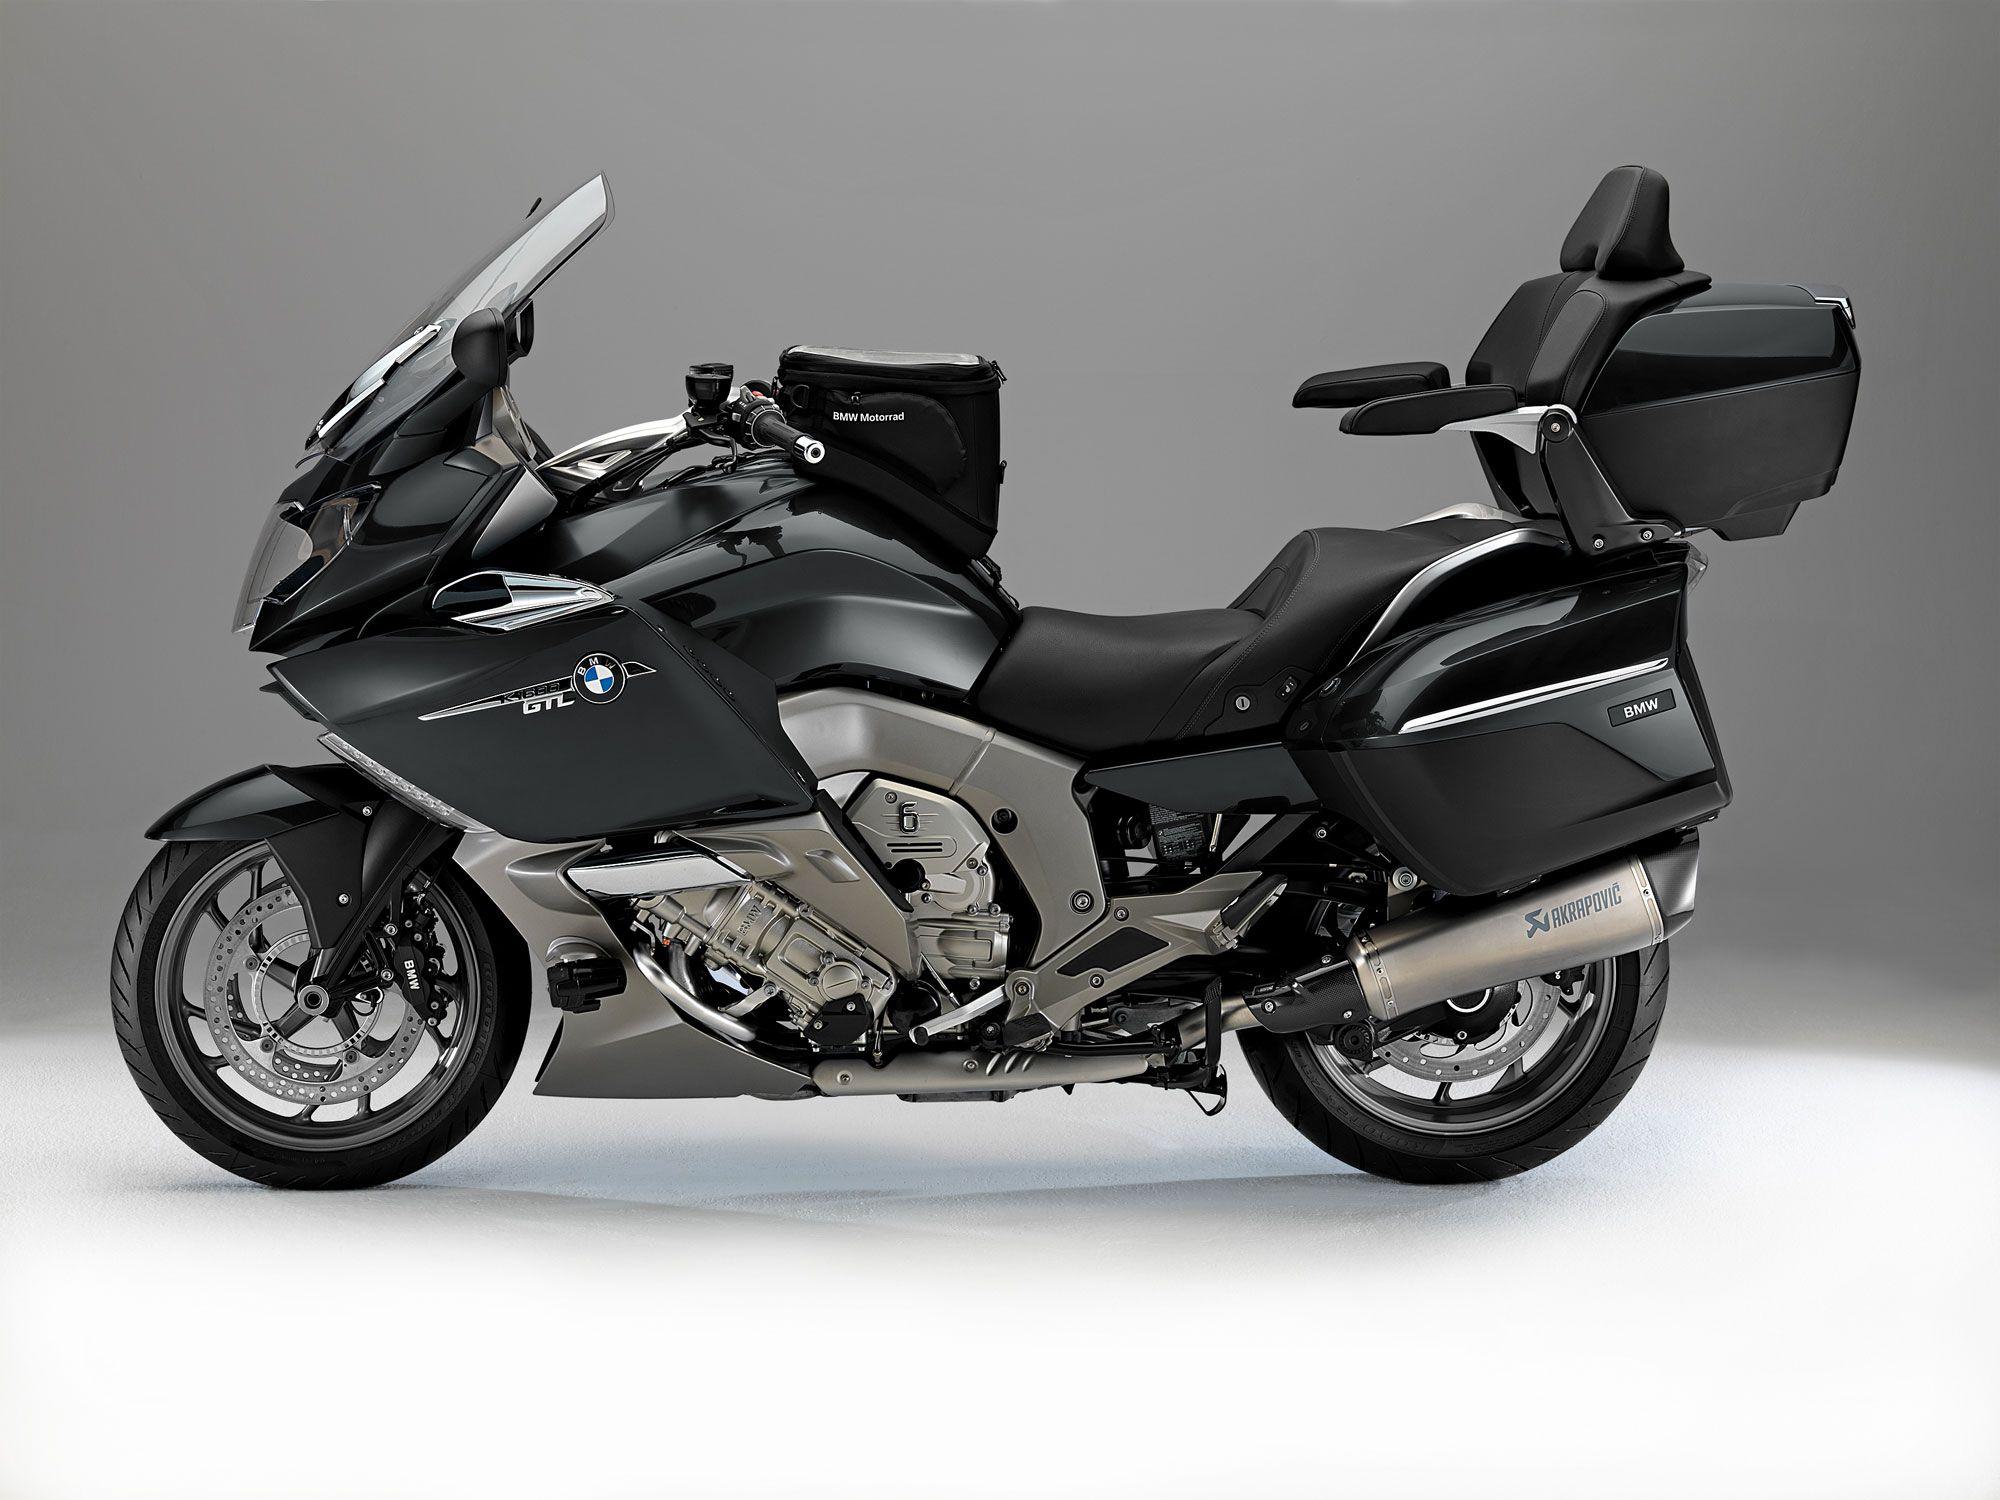 K1600gtl Bmw Motosikletler Bmw Motorsiklet